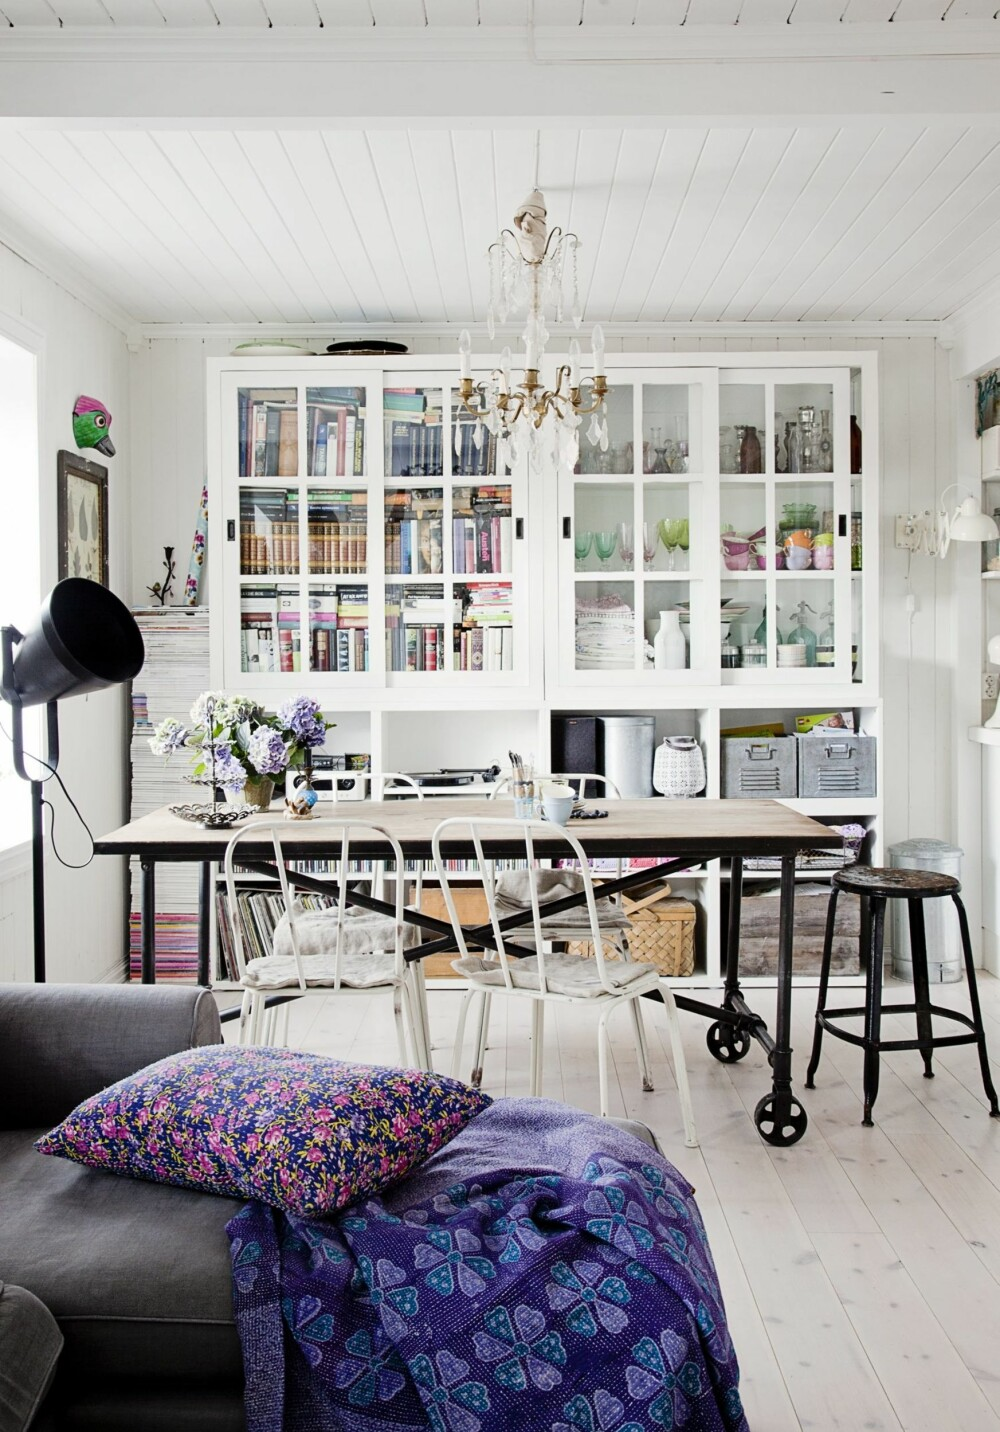 HERLIG STILMIKS: Med et stort spisebord dannes det klare soner i allrommet. To store framskap som rommer mye er fra butikken Ilva i Danmark. Sofaen er fra Ikea.